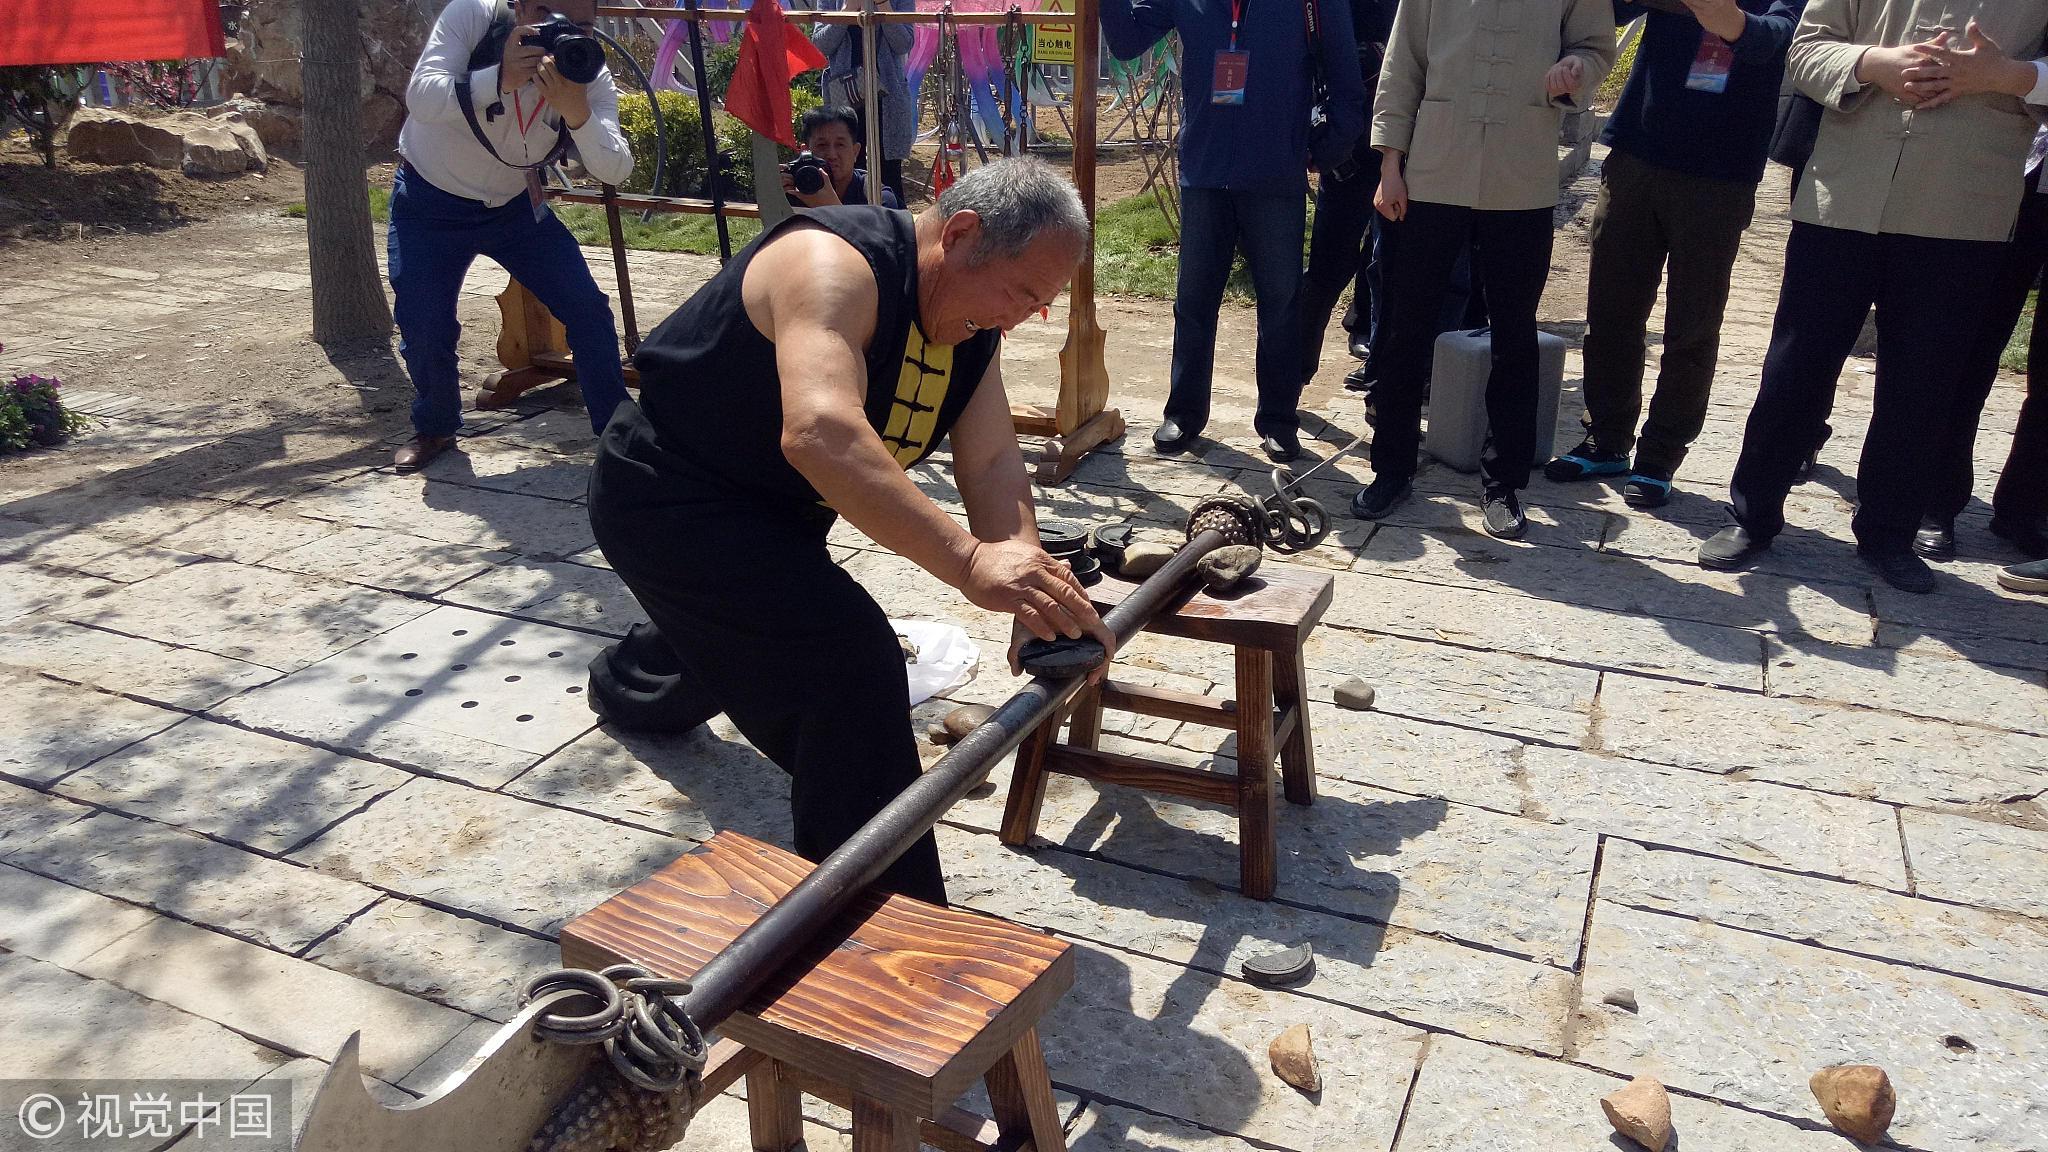 七旬老人徒手劈碎铁秤砣 曾创吉尼斯纪录! - 周公乐 - xinhua8848 的博客